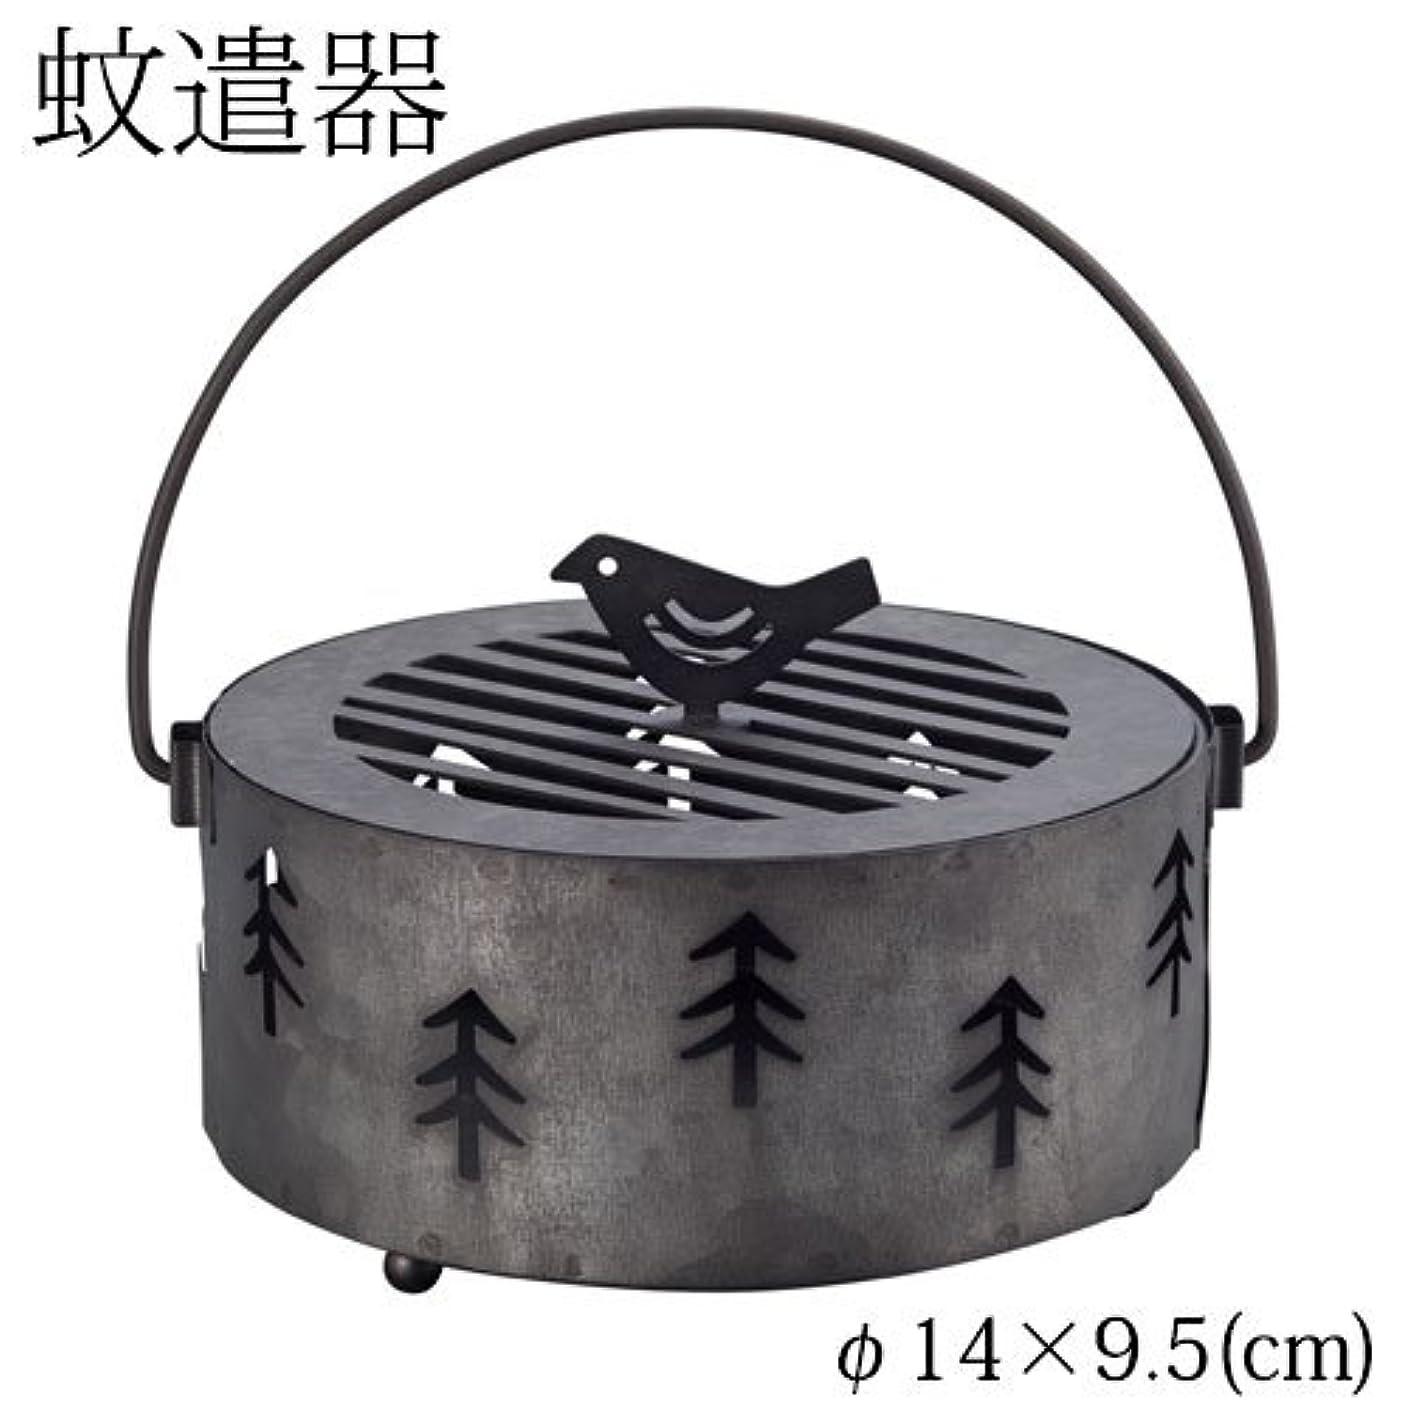 宙返り熟考する紳士気取りの、きざなDECOLE 蚊遣り箱 森 (ZBZ-37414) スチール製蚊遣器 Kayari of Steel